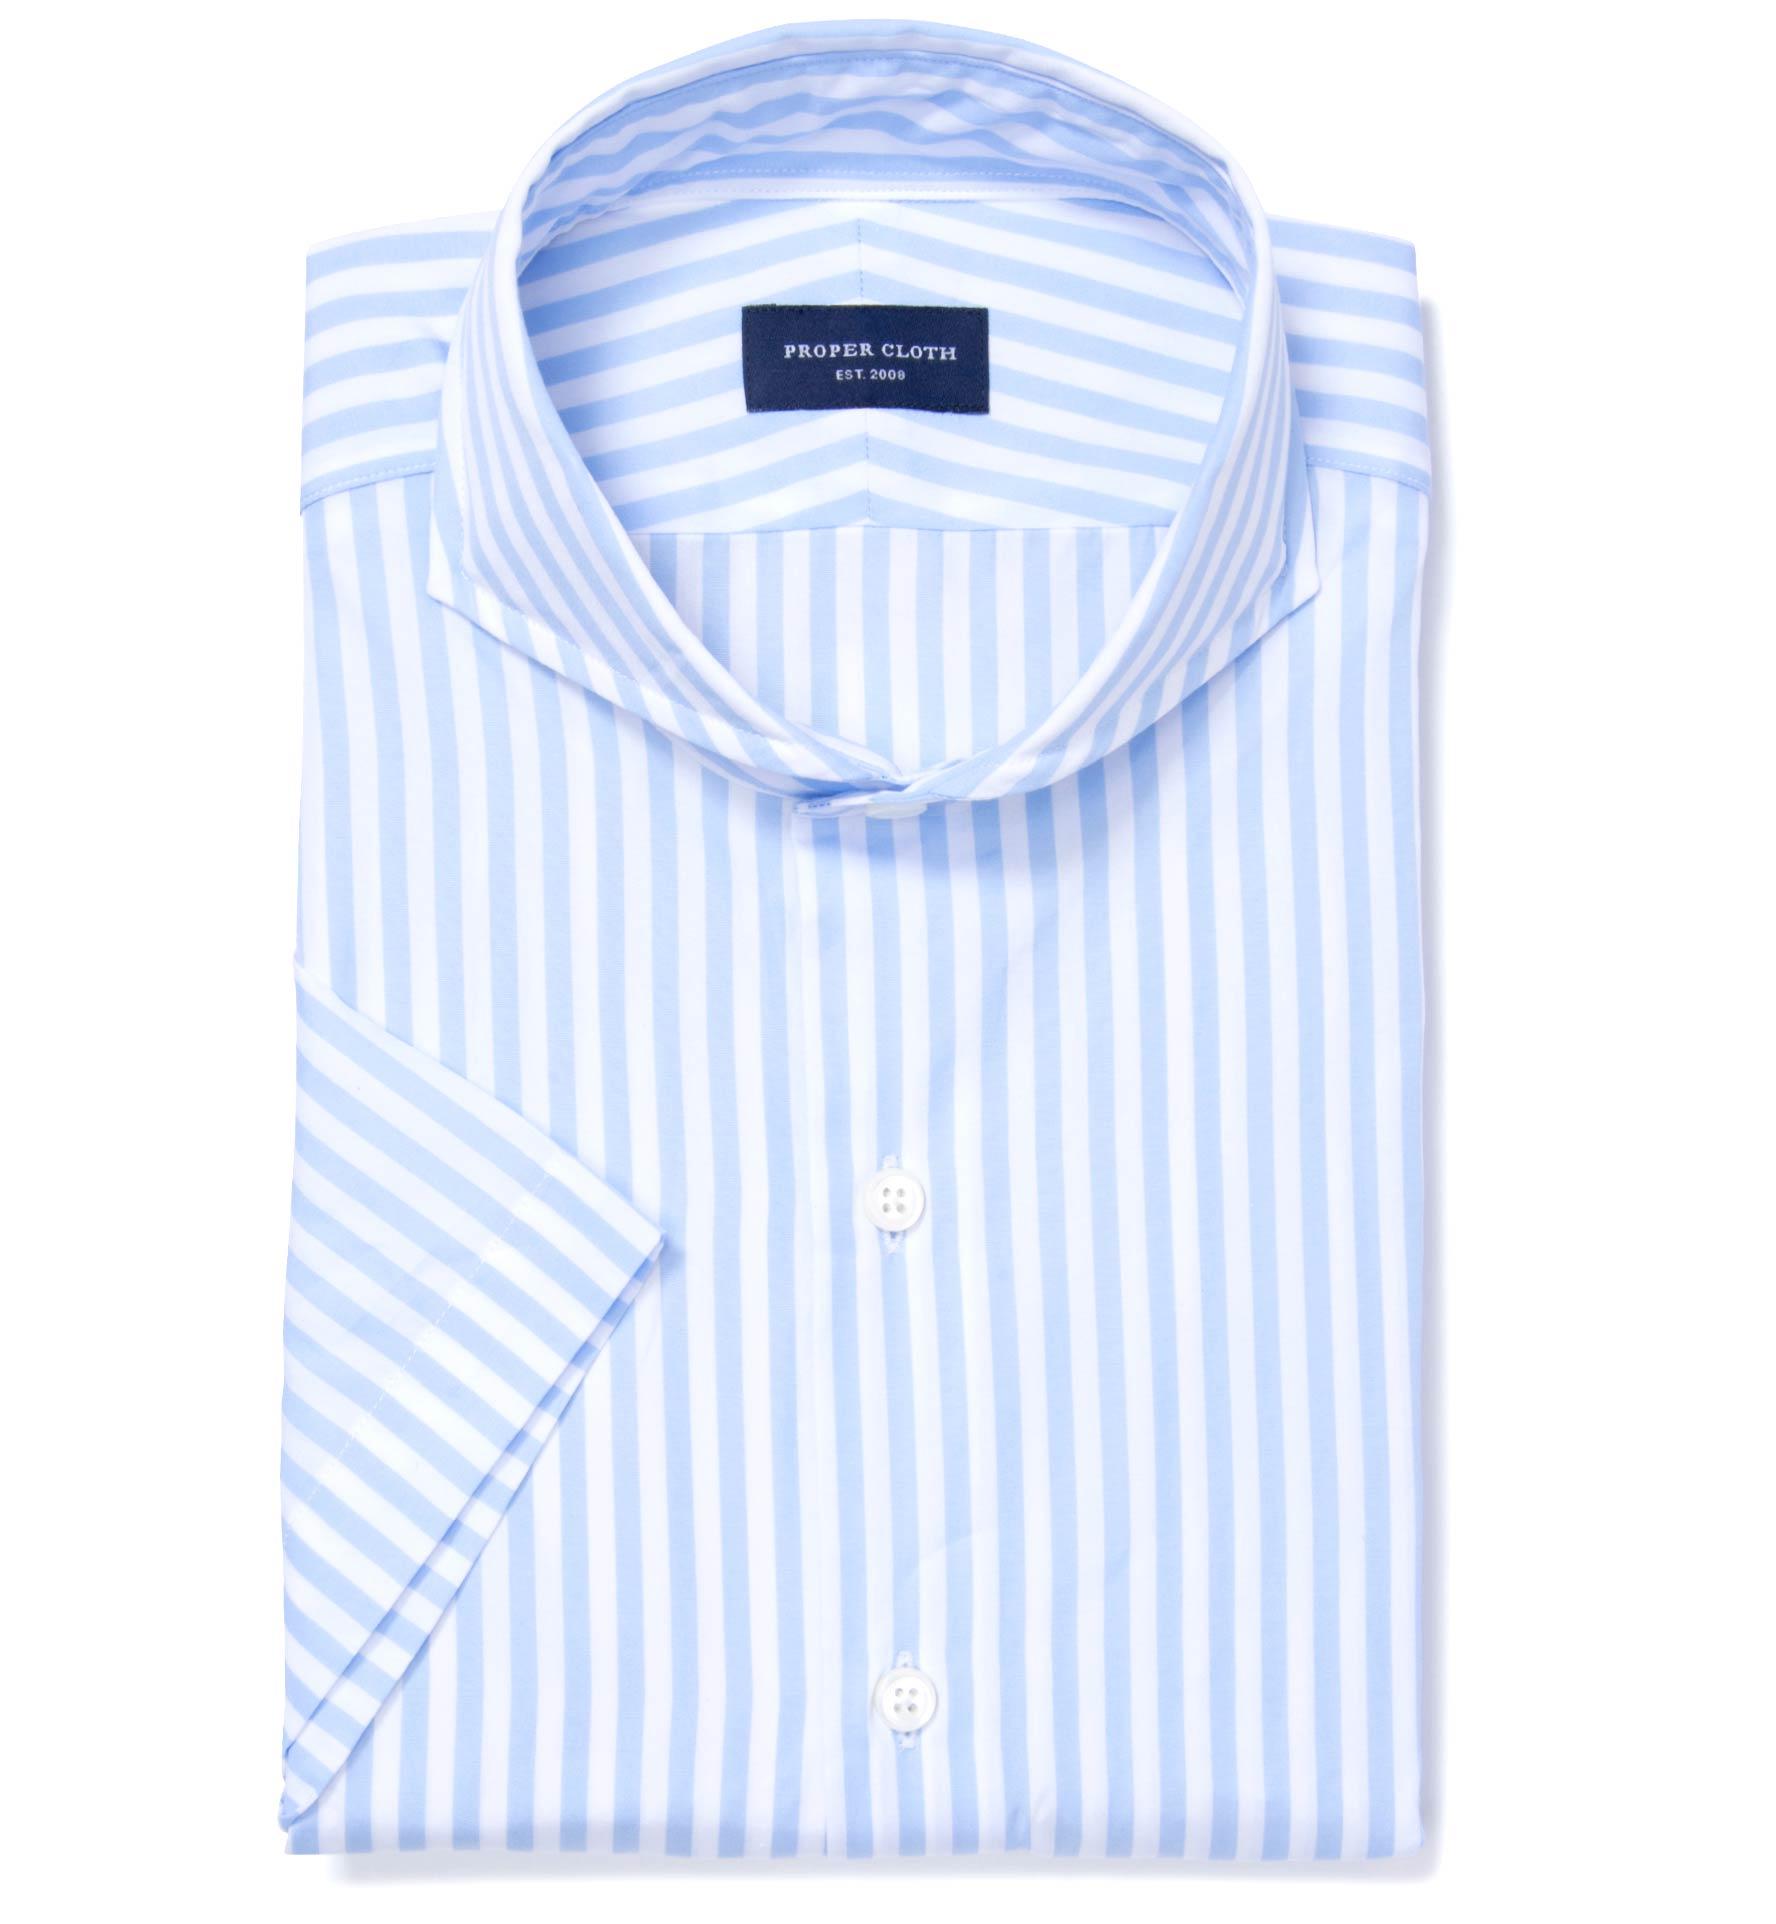 Canclini Light Blue Awning Stripe Short Sleeve Shirt